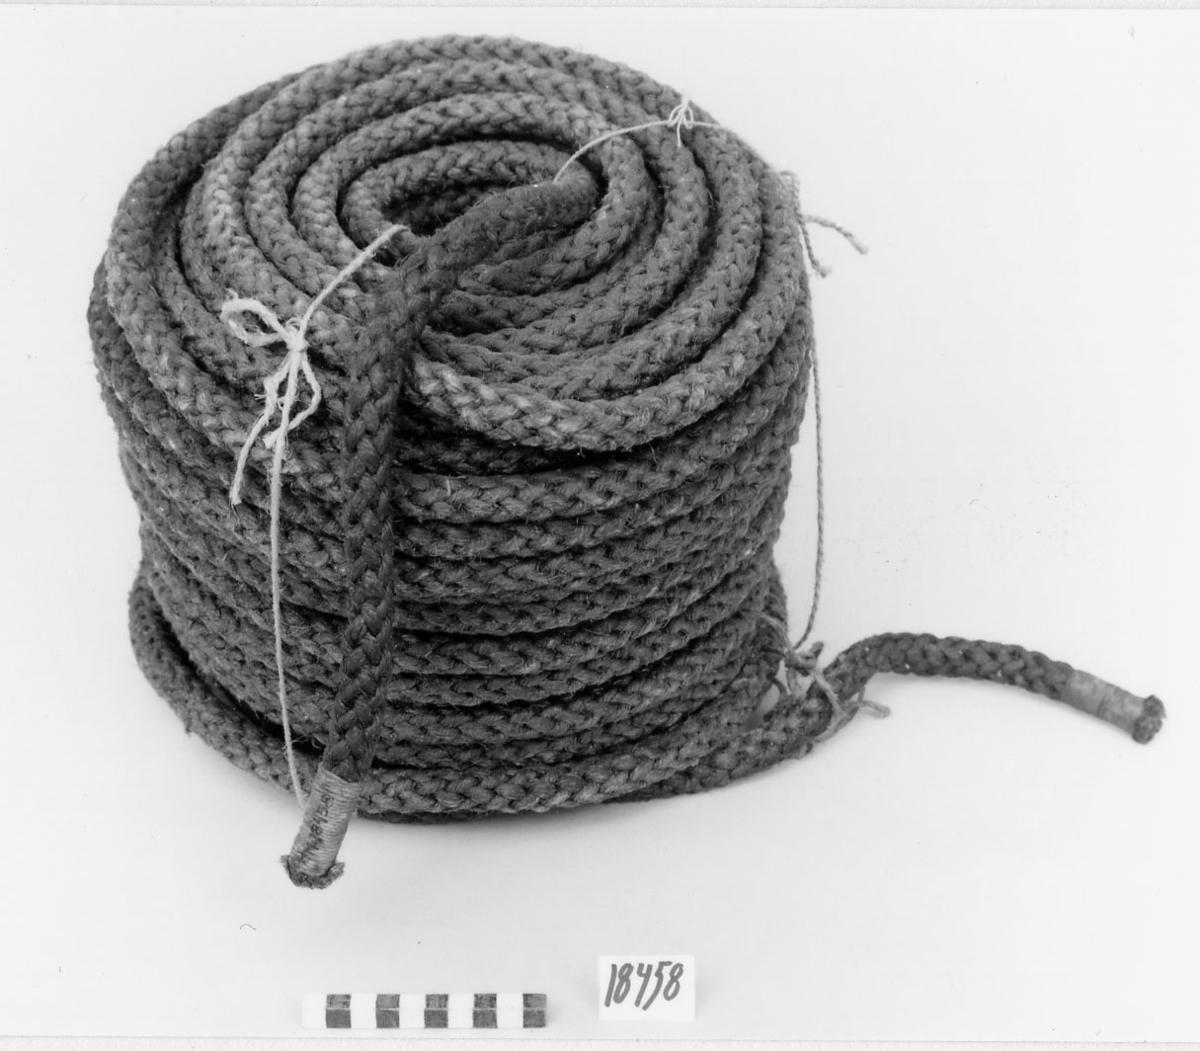 Lina på rulle tillverkad av tjärad hampa, klädd. Båda ändar taglade.